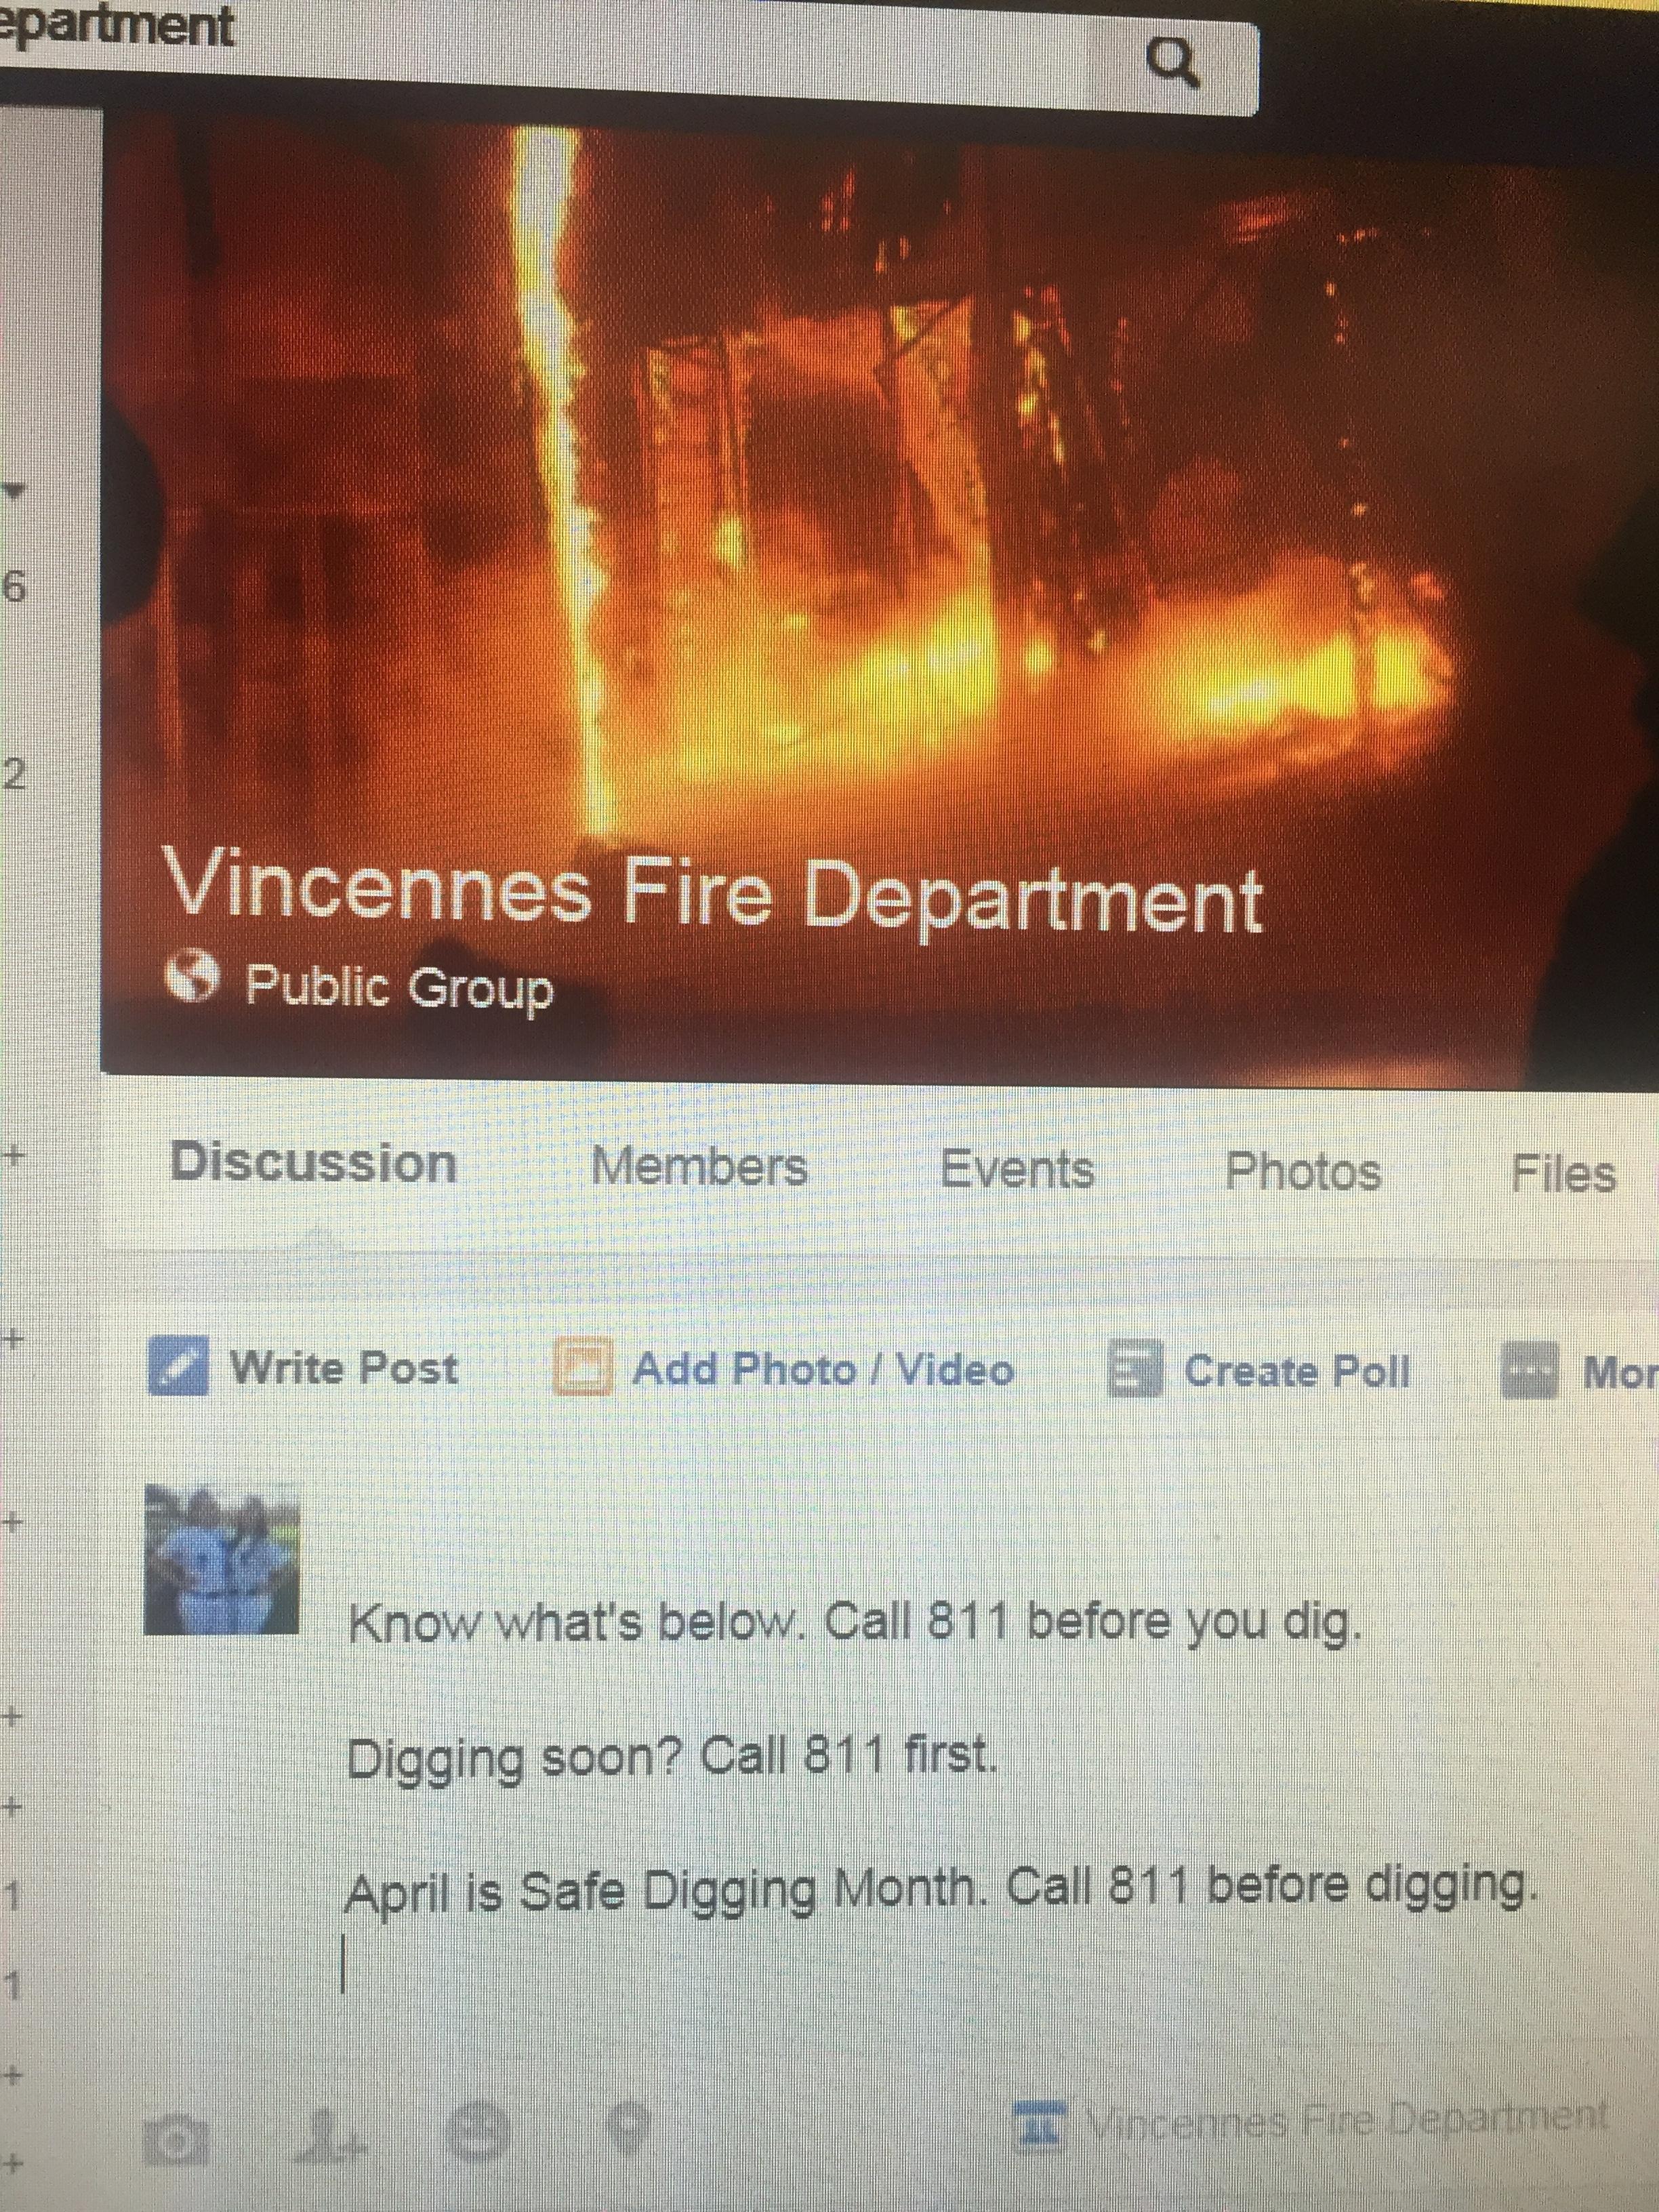 Vincennes City Fire Department